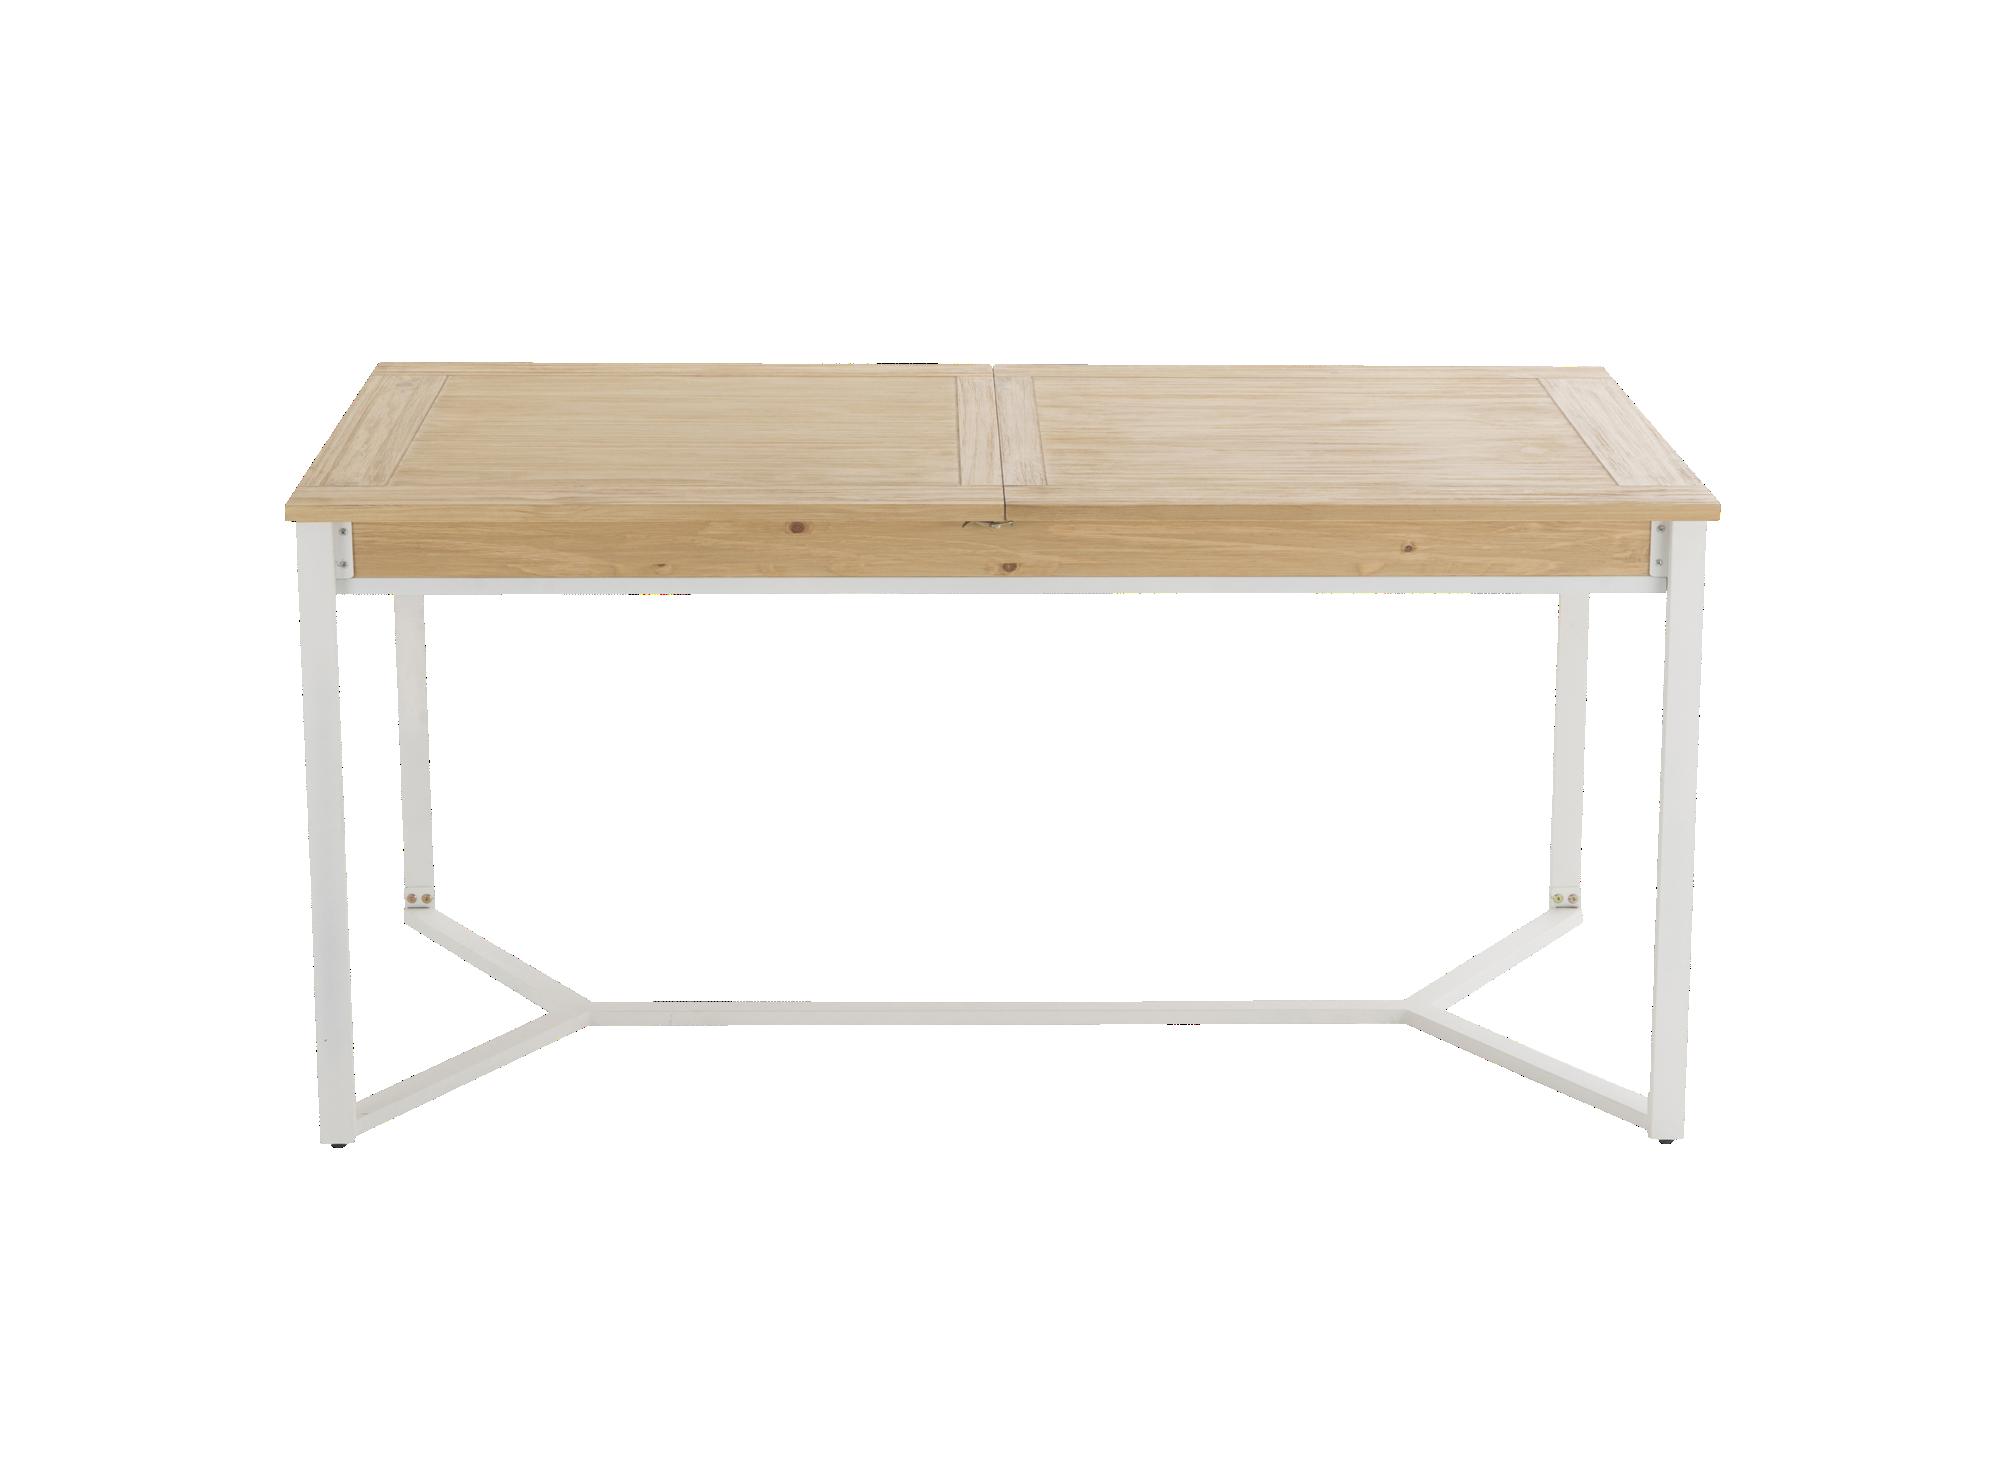 meilleur de table enfant exterieur id es de salon de jardin. Black Bedroom Furniture Sets. Home Design Ideas